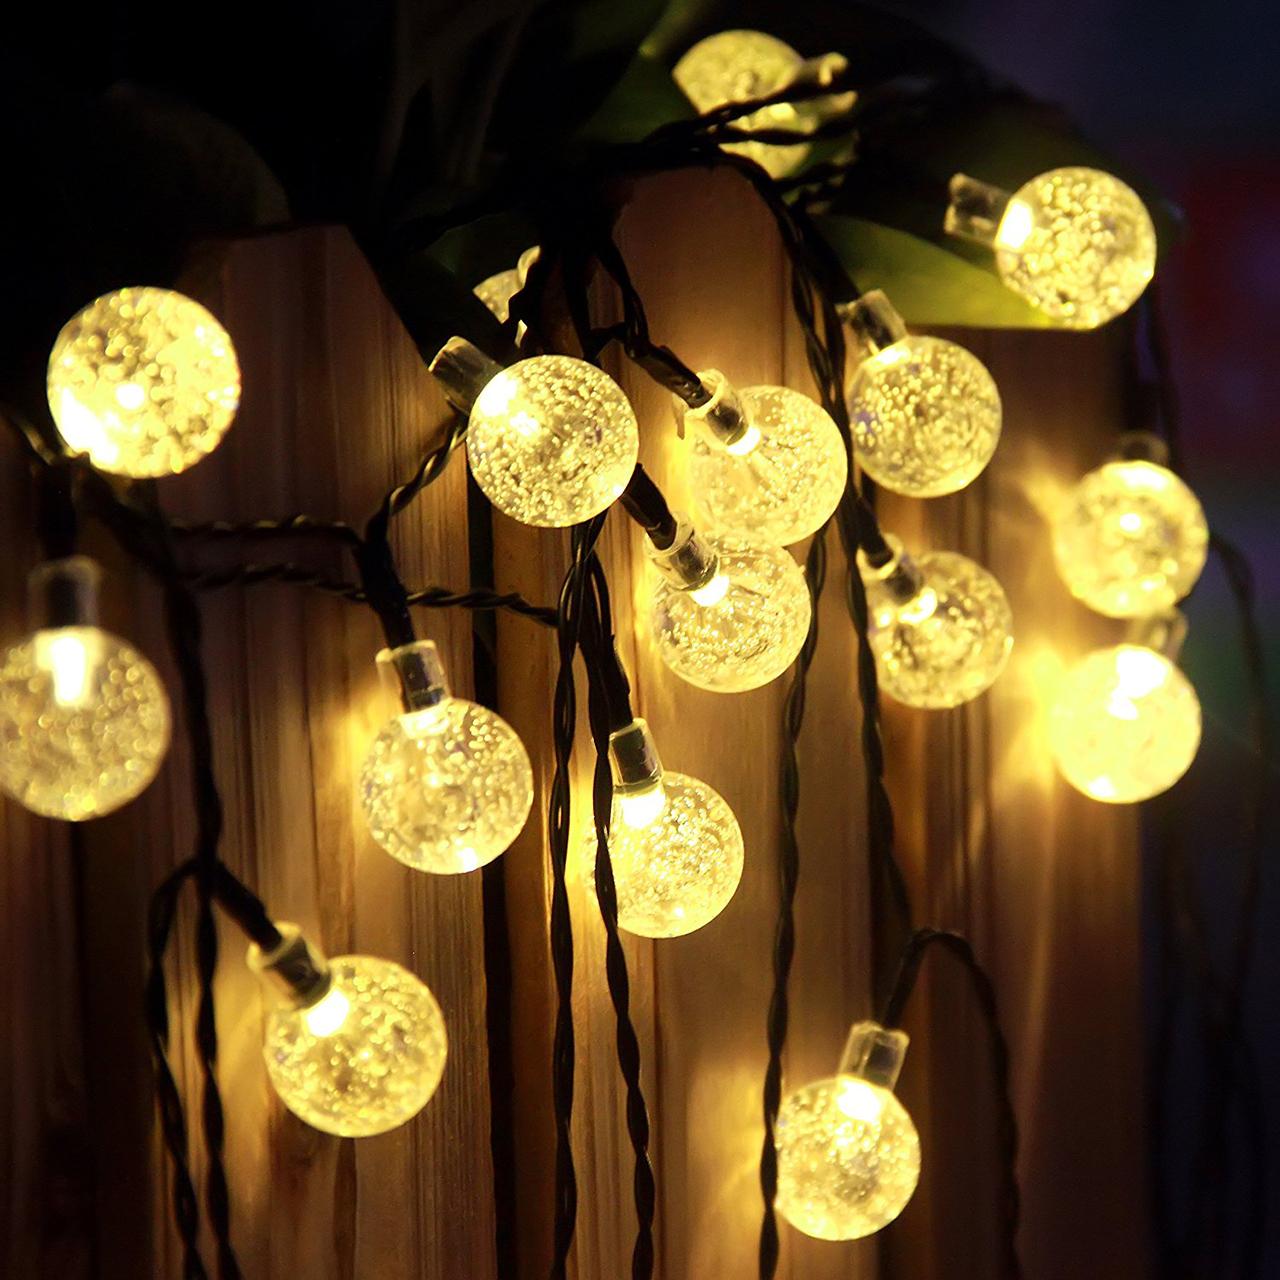 Solar patio string lights - Beautiful Solar String Lights